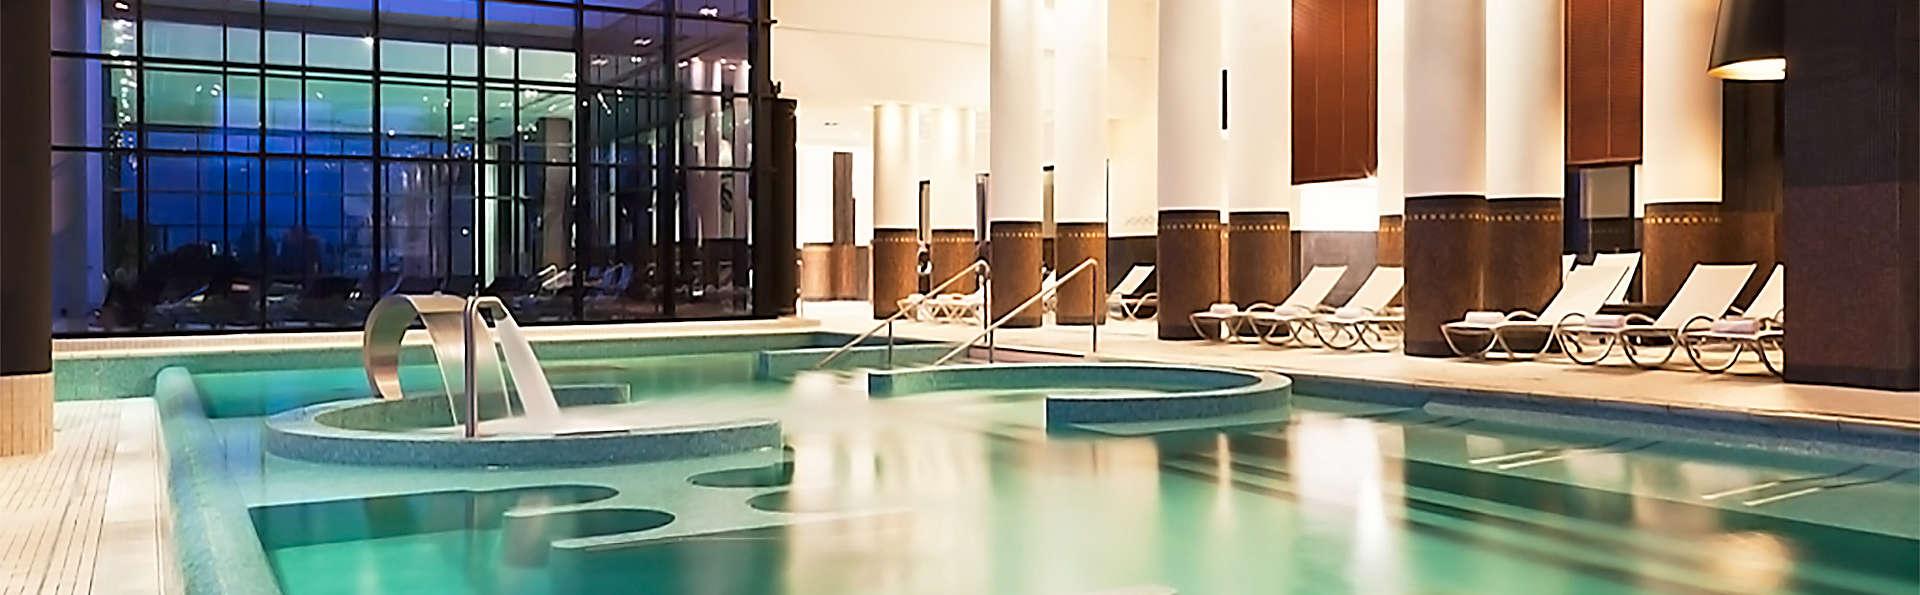 Hôtel Barrière LHôtel Du Lac EnghienlesBains France - Salle de sport enghien les bains